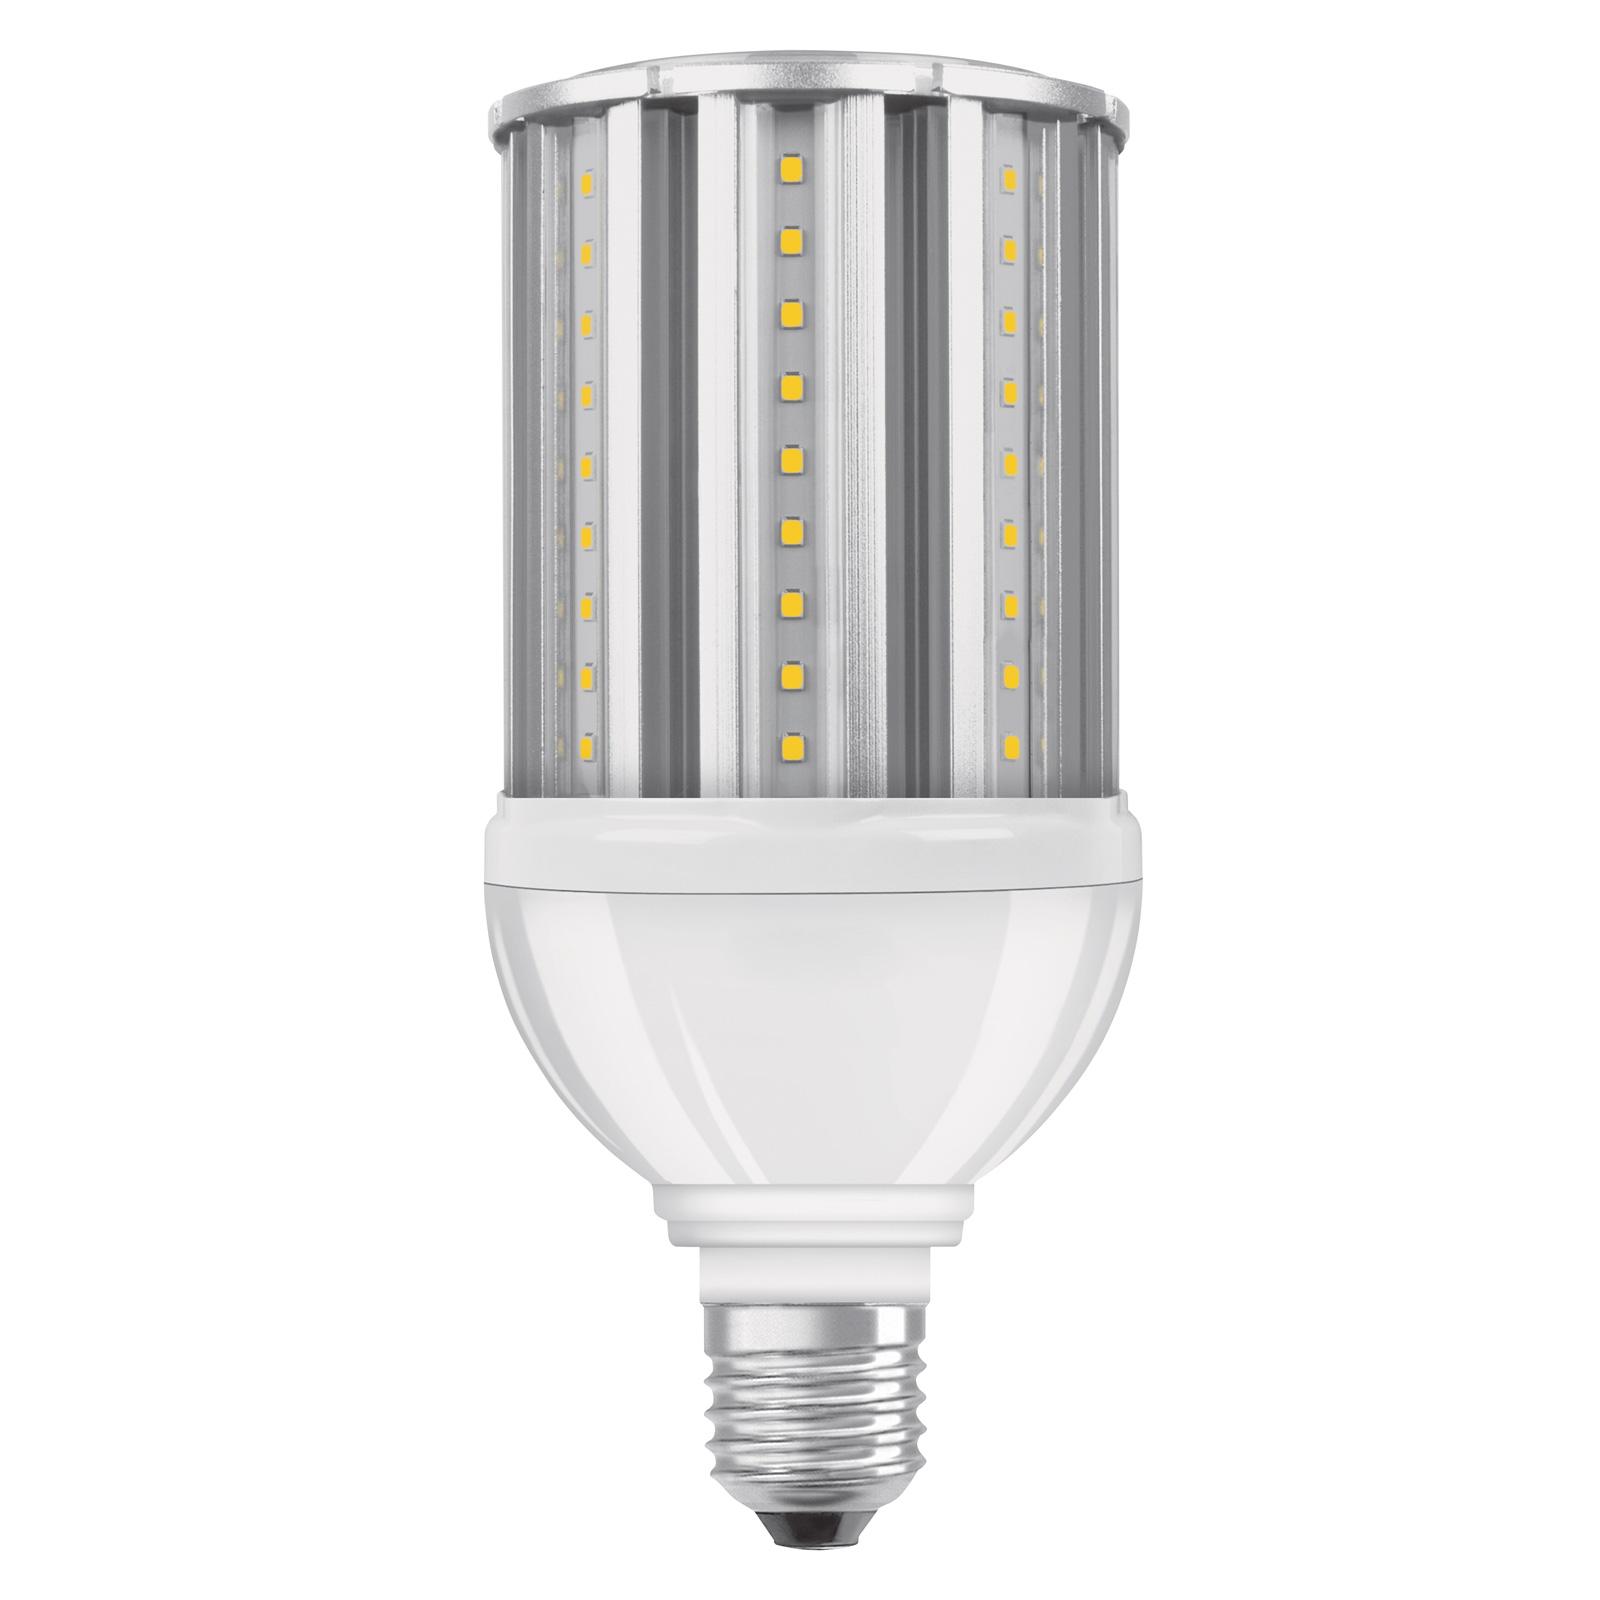 Osram Parathom Hql Led Lampe E27 27 Watt 3000 Lumen Neutral White